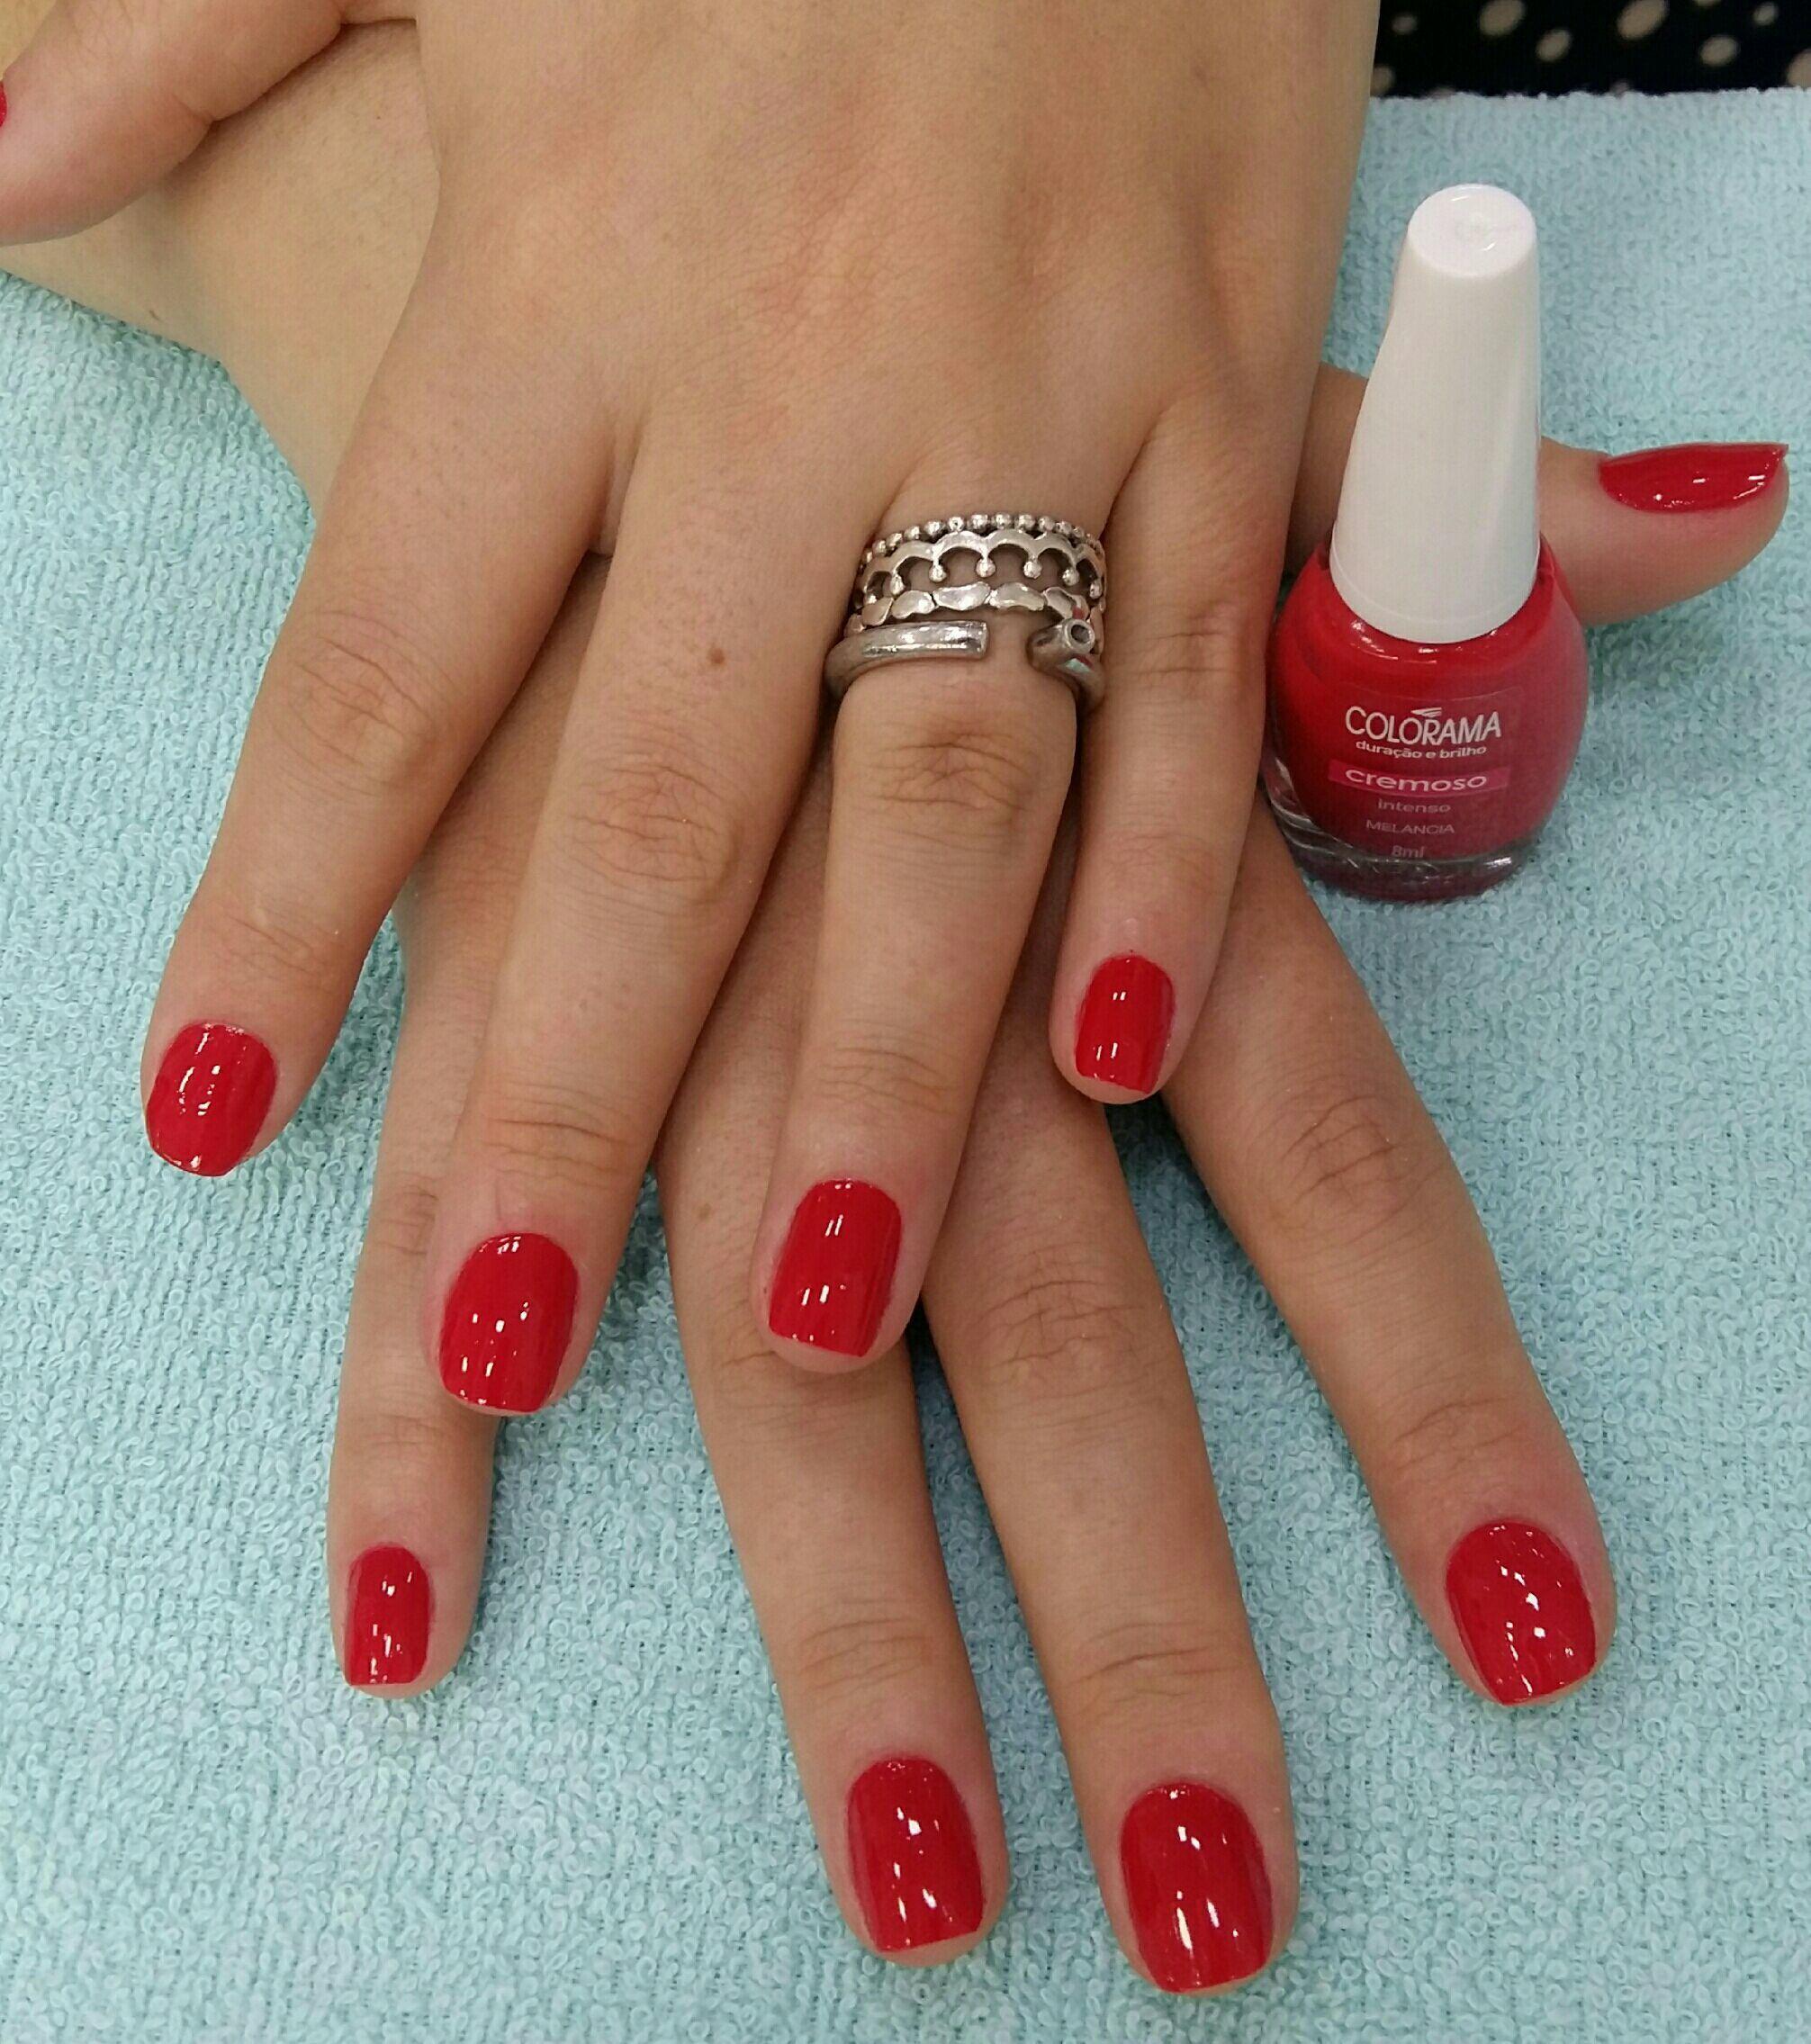 Vermelho clássico! unha manicure e pedicure designer de sobrancelhas manicure e pedicure manicure e pedicure